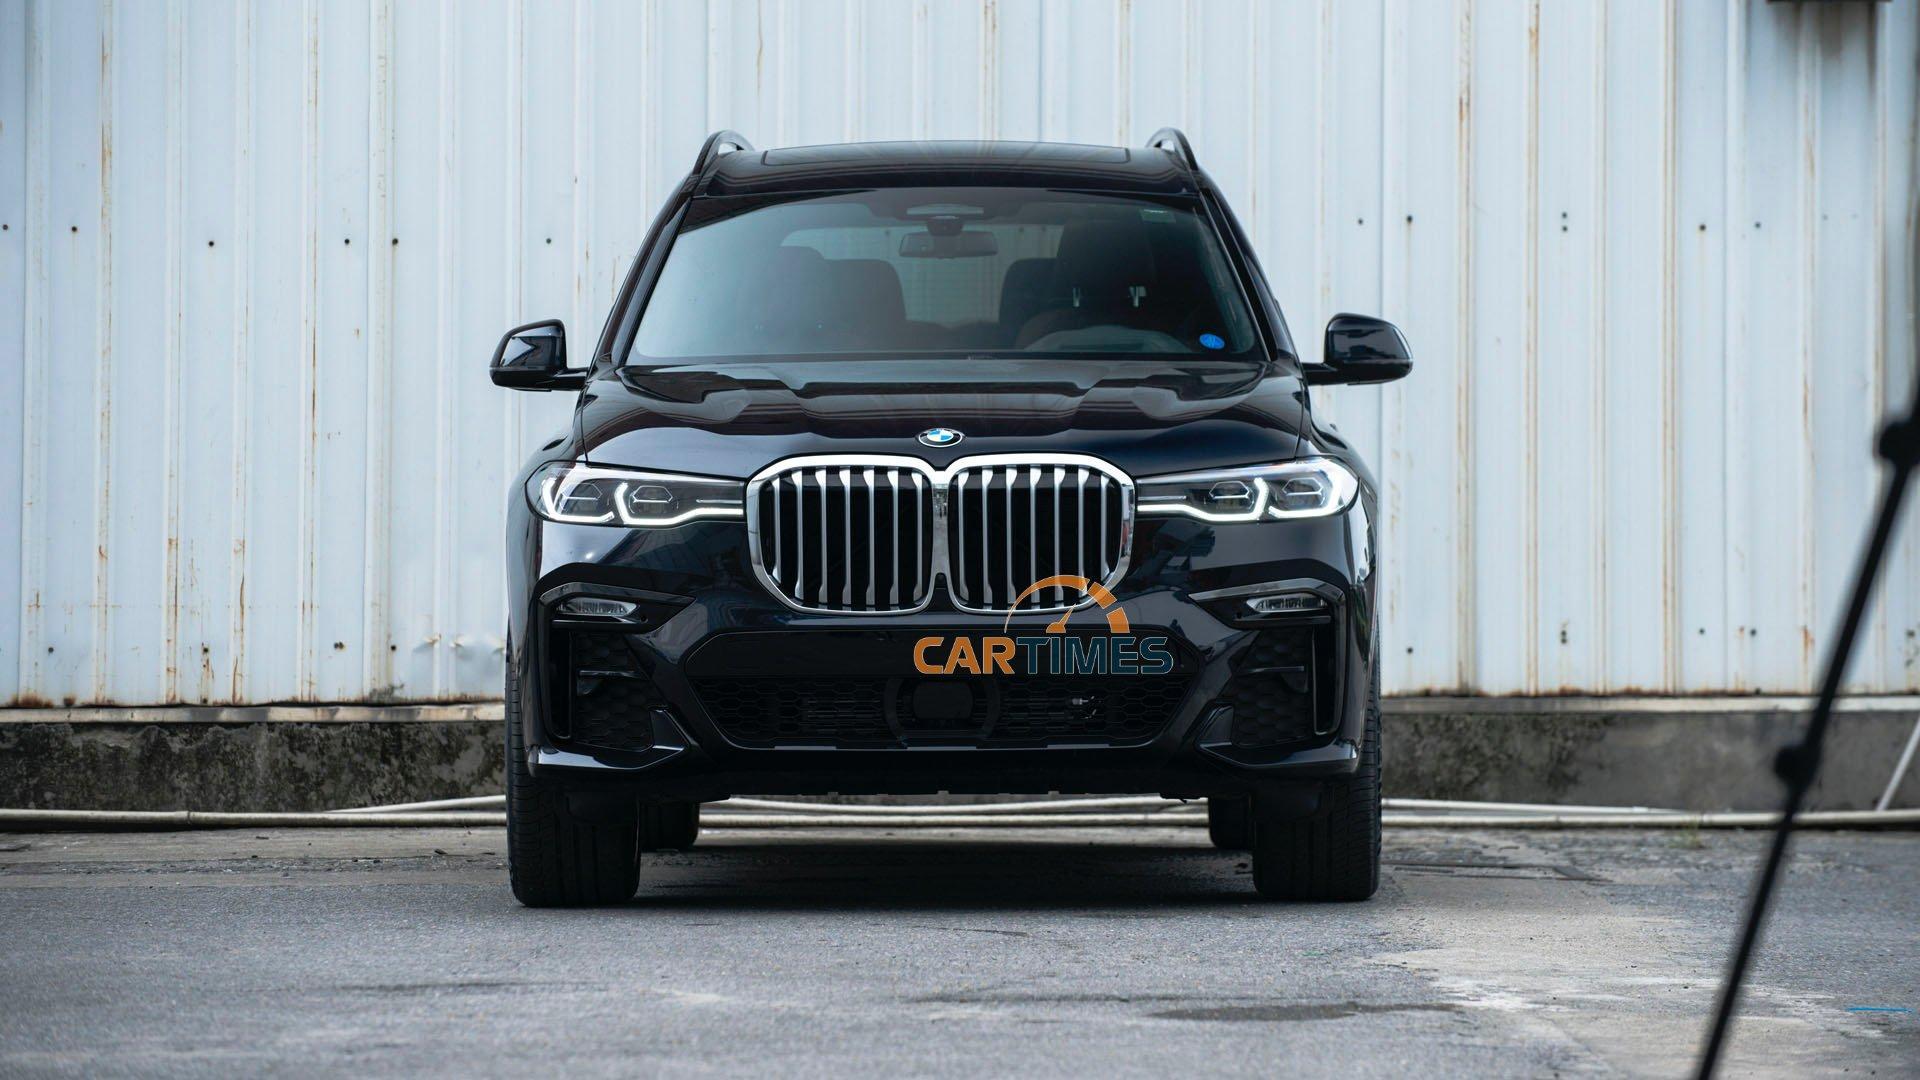 Giá hơn 7 tỷ đồng, BMW X7 thứ 2 về Việt Nam có những trang bị gì? Ảnh 1